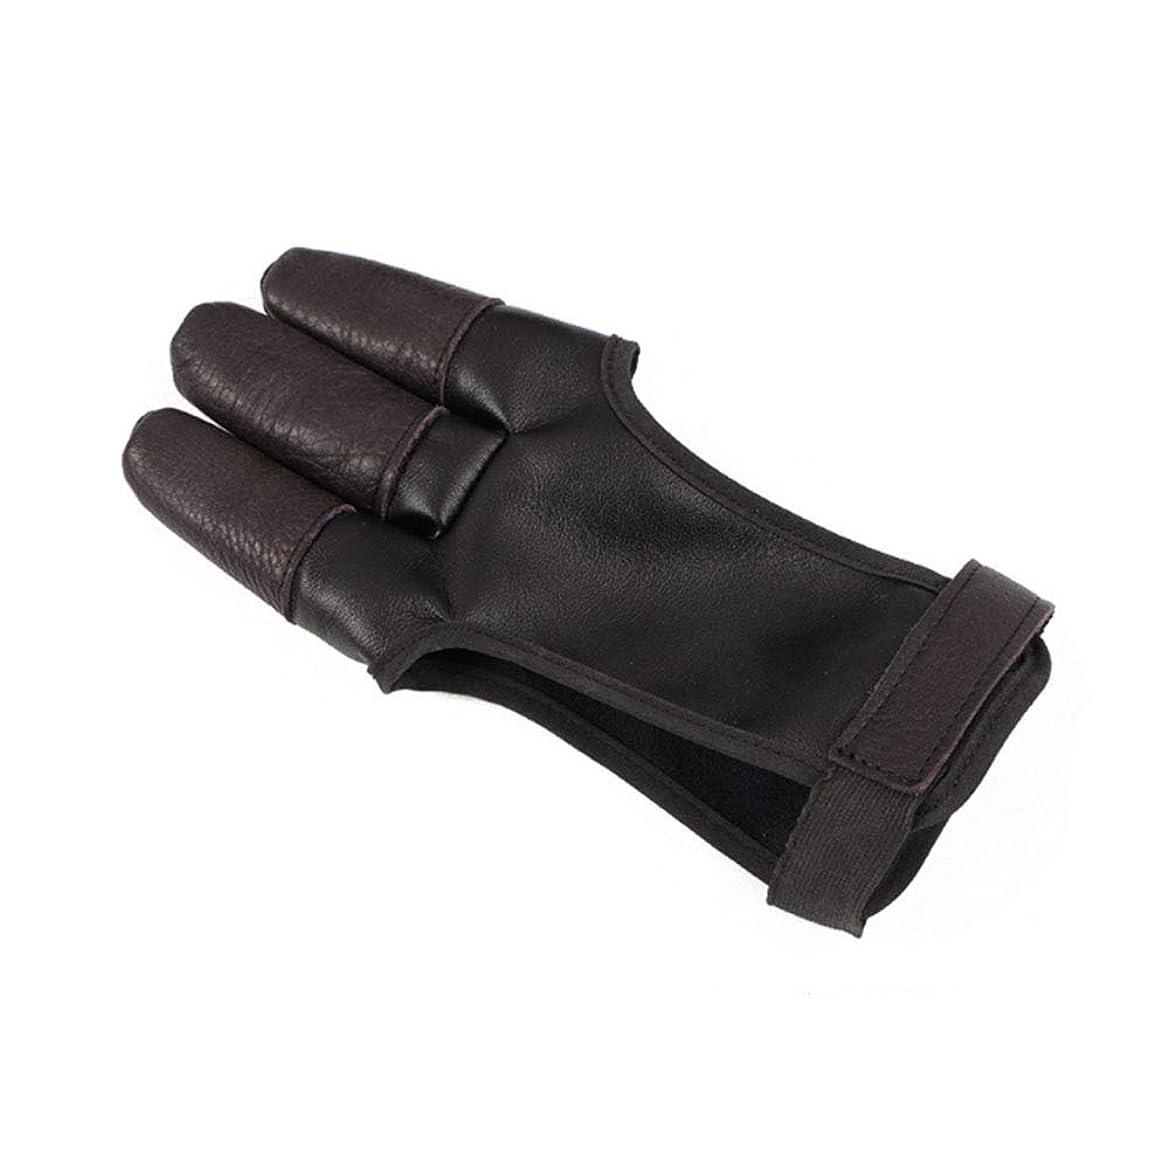 住む現実的マルコポーロ弓と矢の手袋 - 3本の指手作りのレザーシューティングプロテクター保護具、あなたの子供の指の保護のための優れた安全アクセサリー。